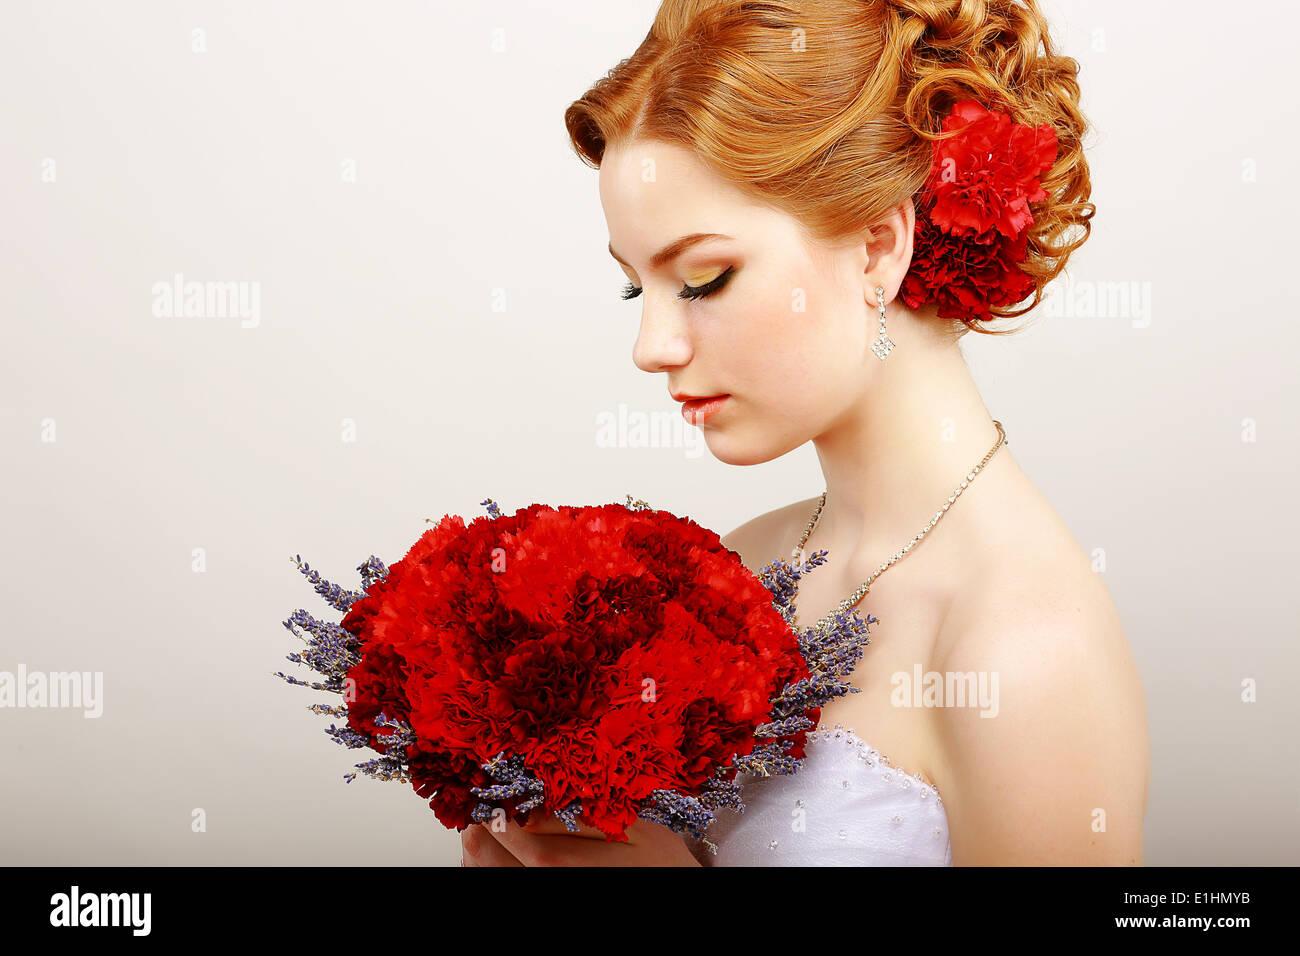 Mitezza. Profilo di calma Donna rosso con bouquet di fiori. Tranquillità e dolcezza Foto Stock